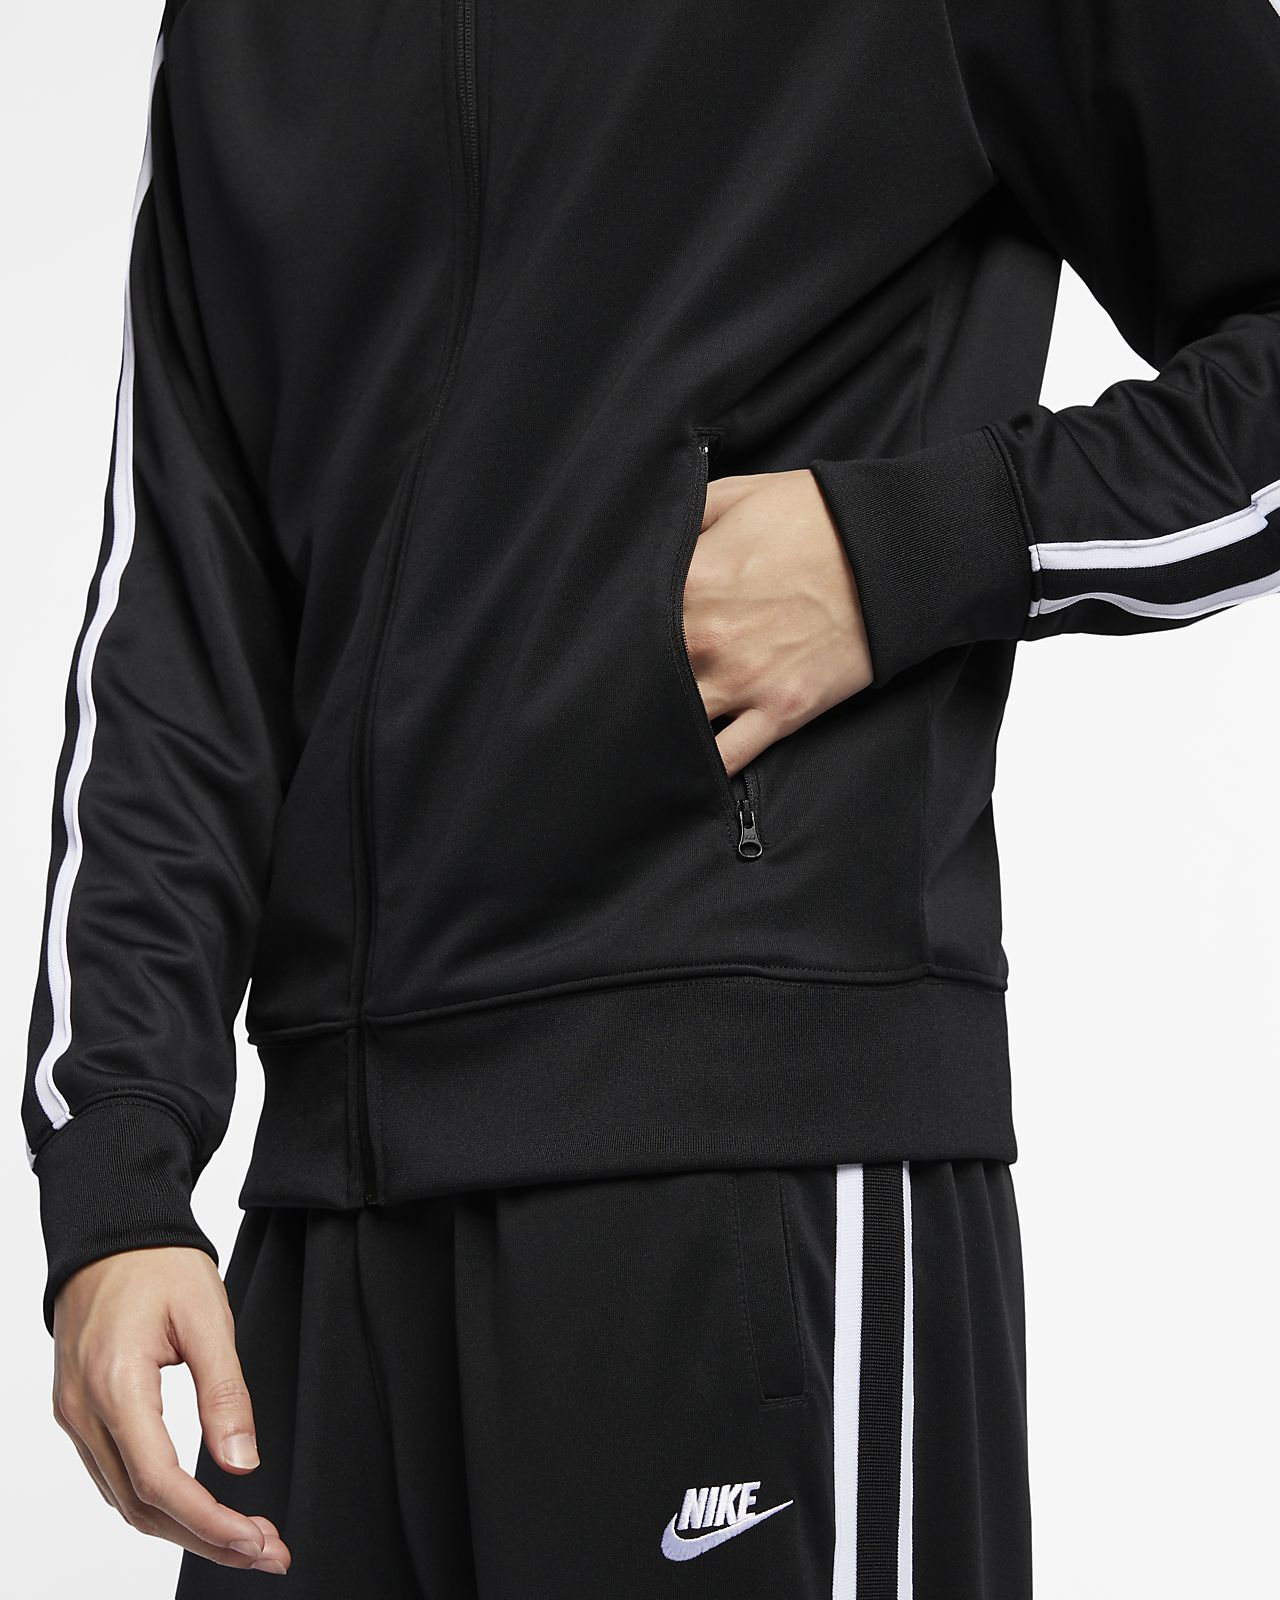 nike sportswear n98 jacket white men